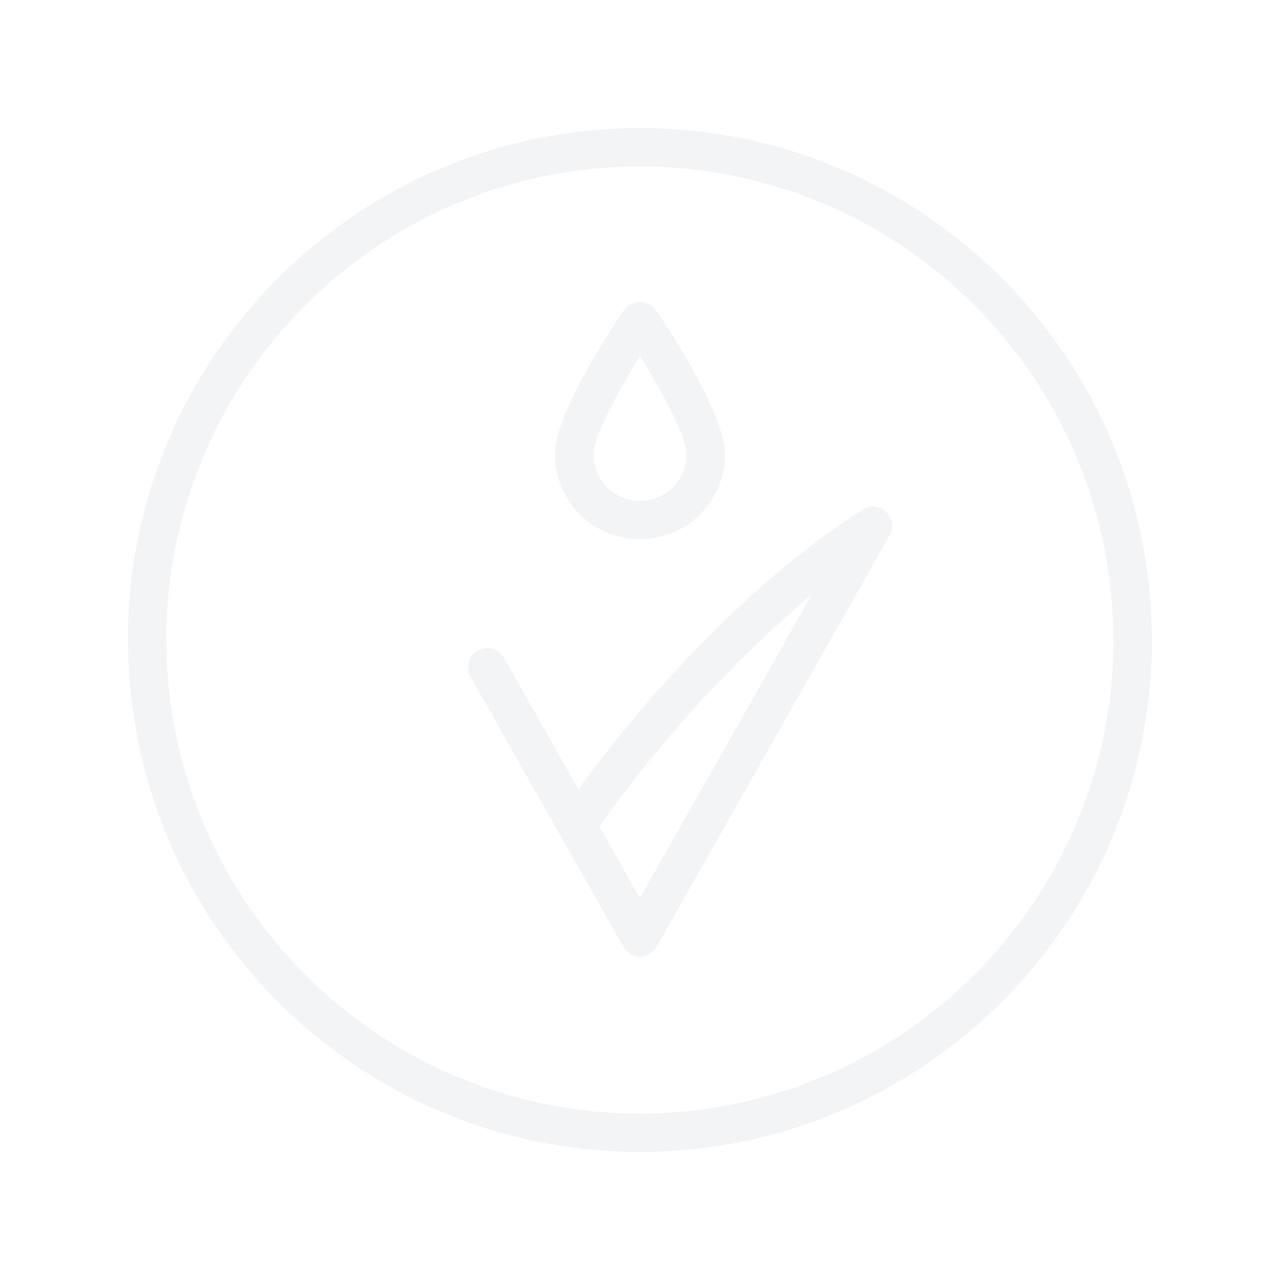 ANNA LOTAN Liquid Gold Golden Silk Facial Serum 50ml